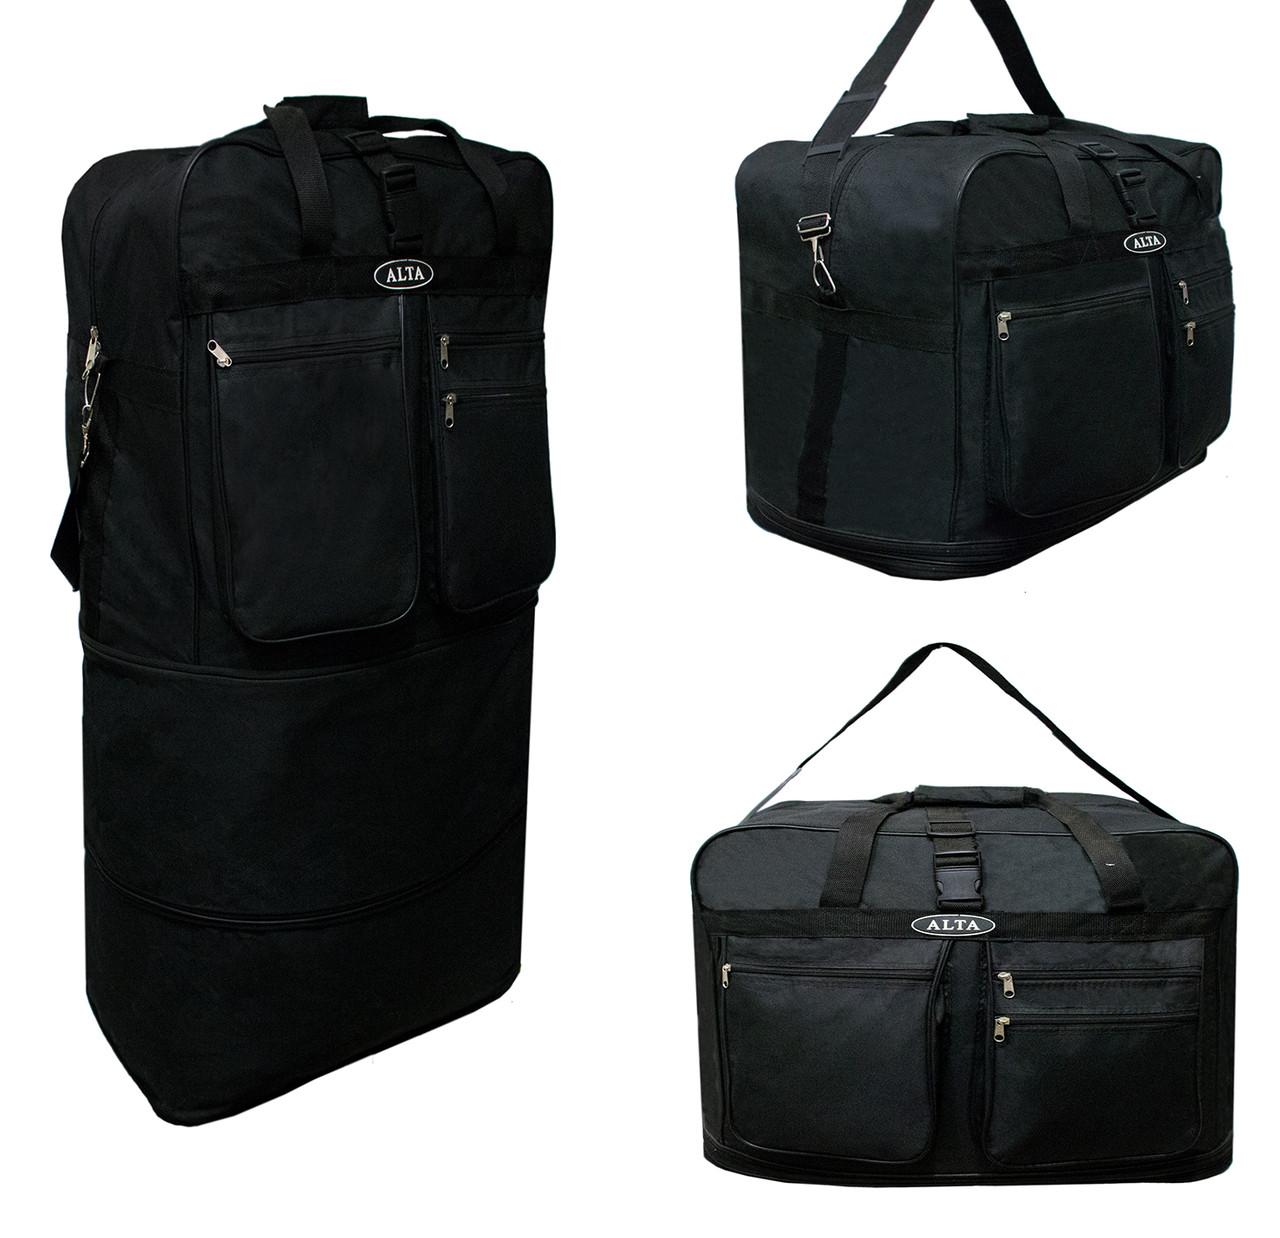 6c75e97ddfba Вместительная дорожная сумка трансформер. Цвет Черный (Размер 95*60*30) -